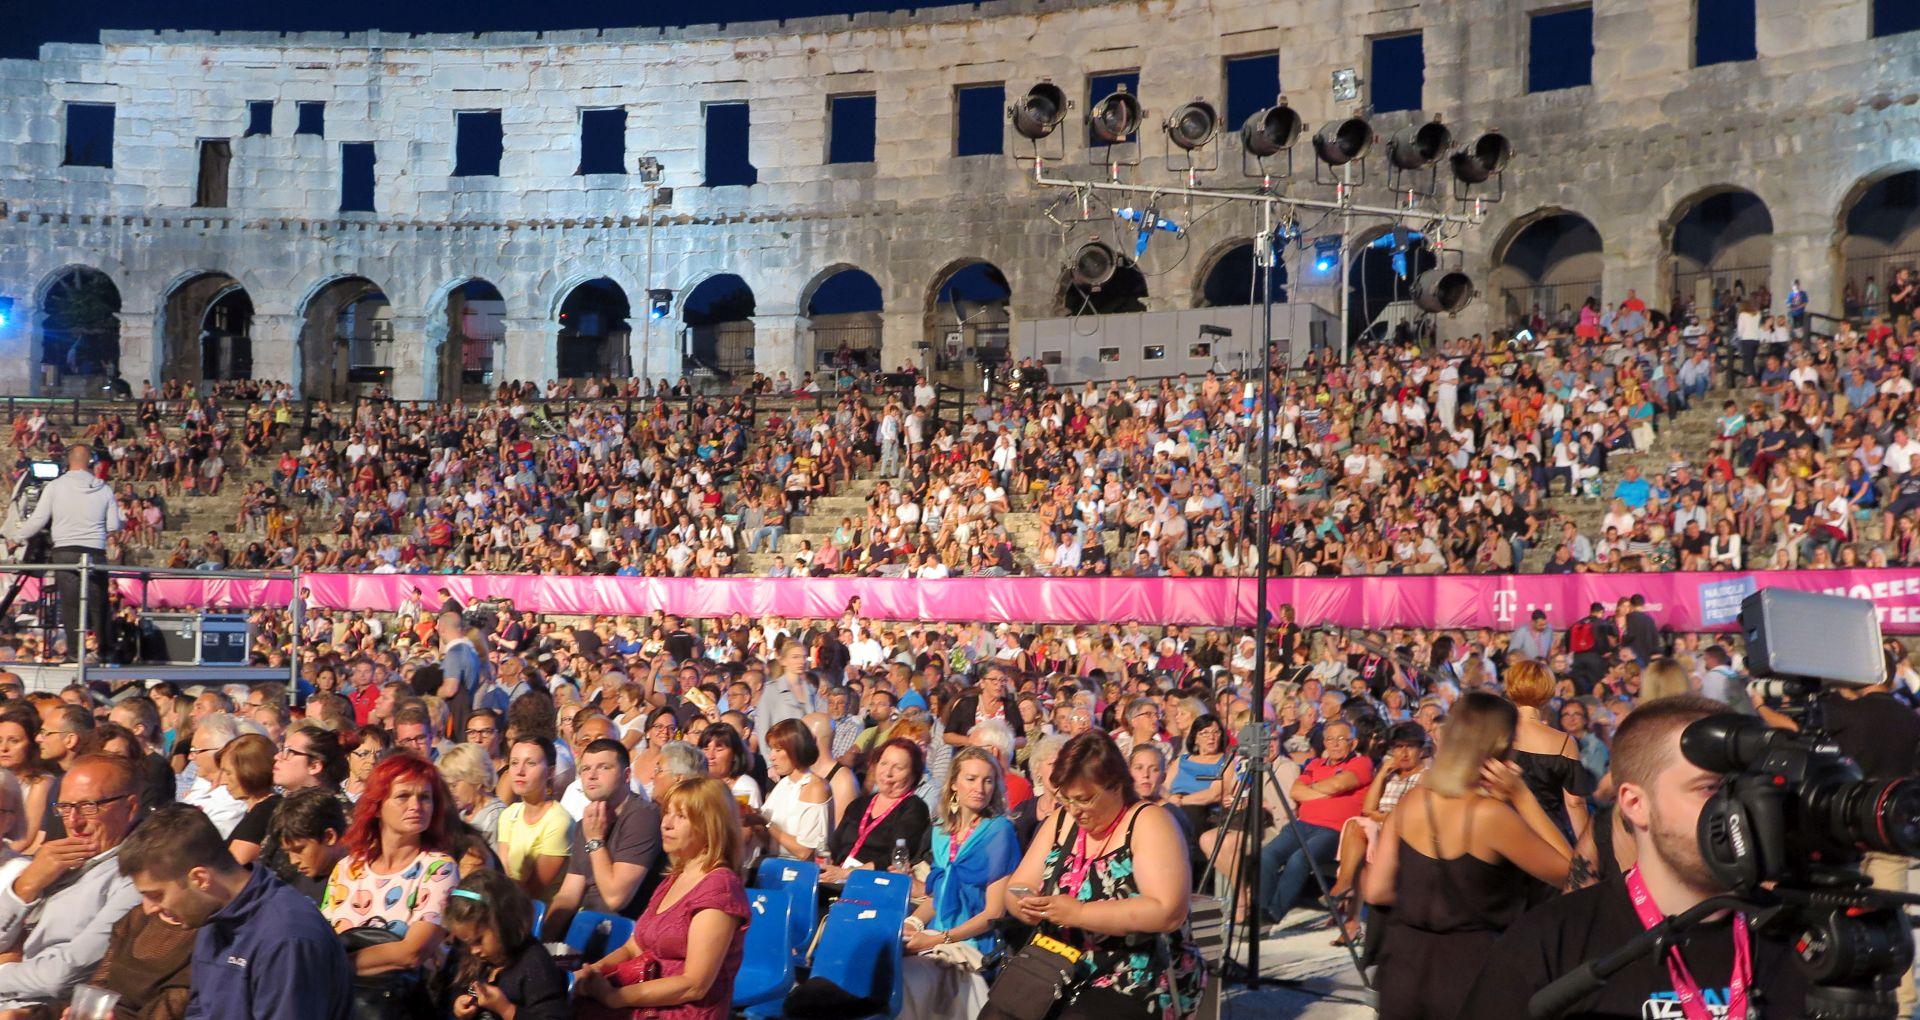 Obuljen Koržinek: Istra, Pula i Hrvatska imaju iste prioritete u kulturi